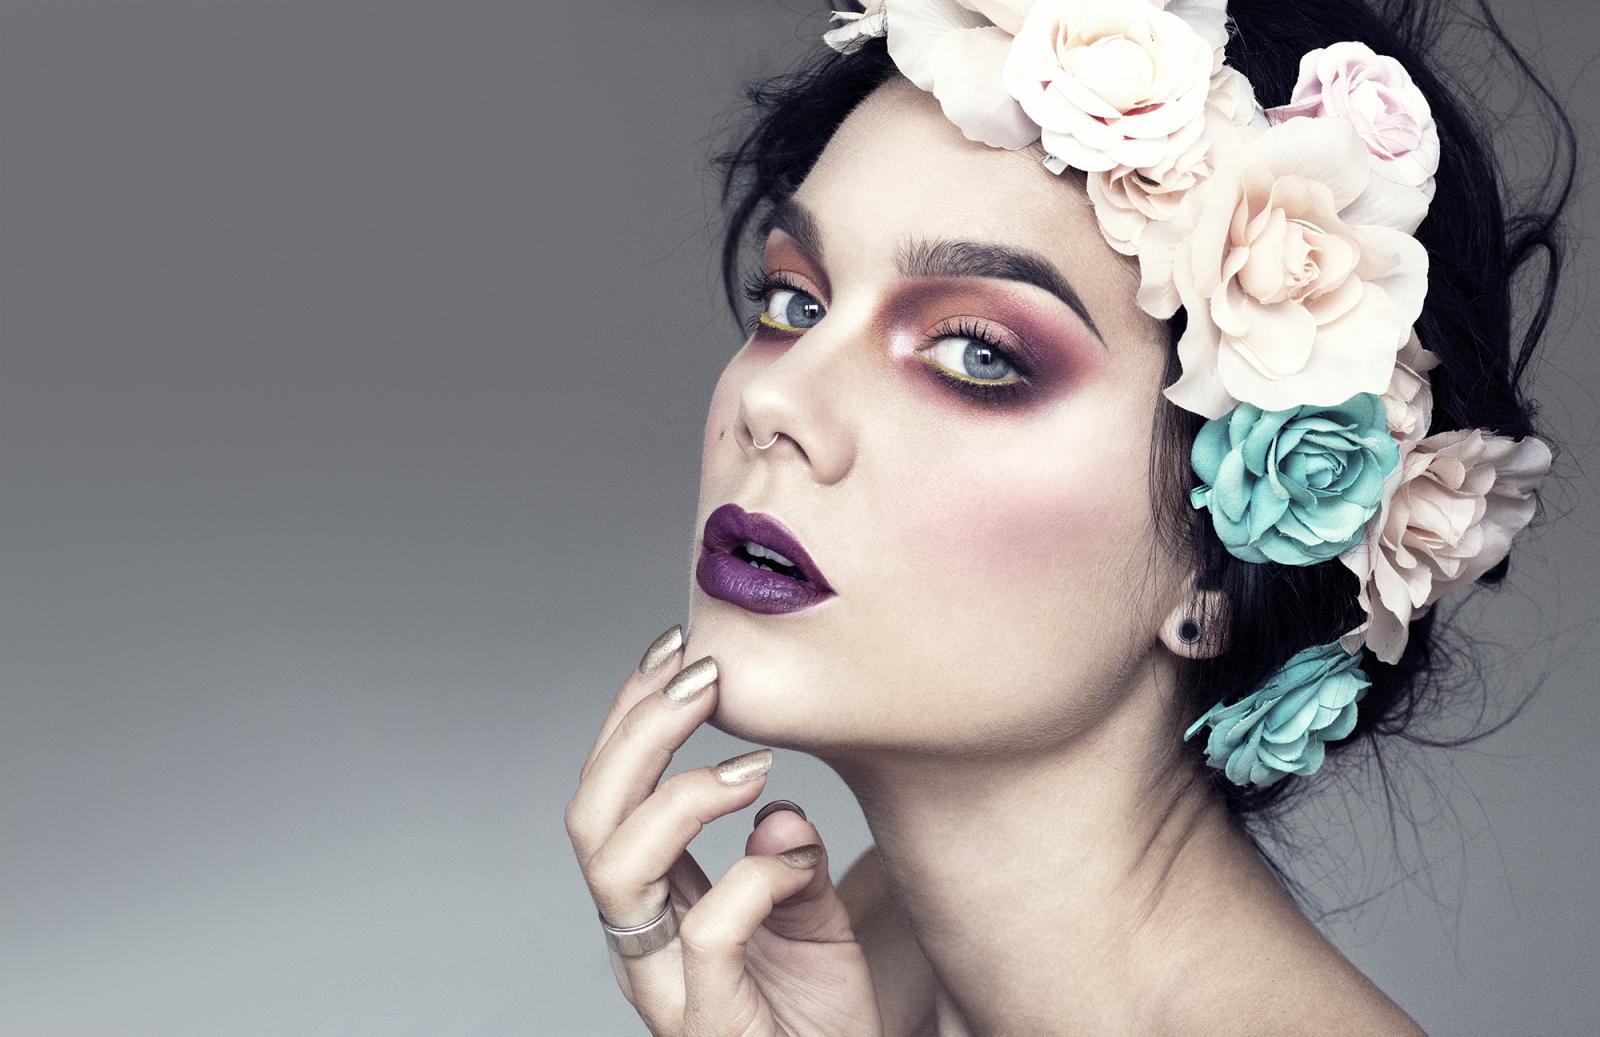 Что почитать на выходных 8 Марта: 10 статей о красоте - фото №7